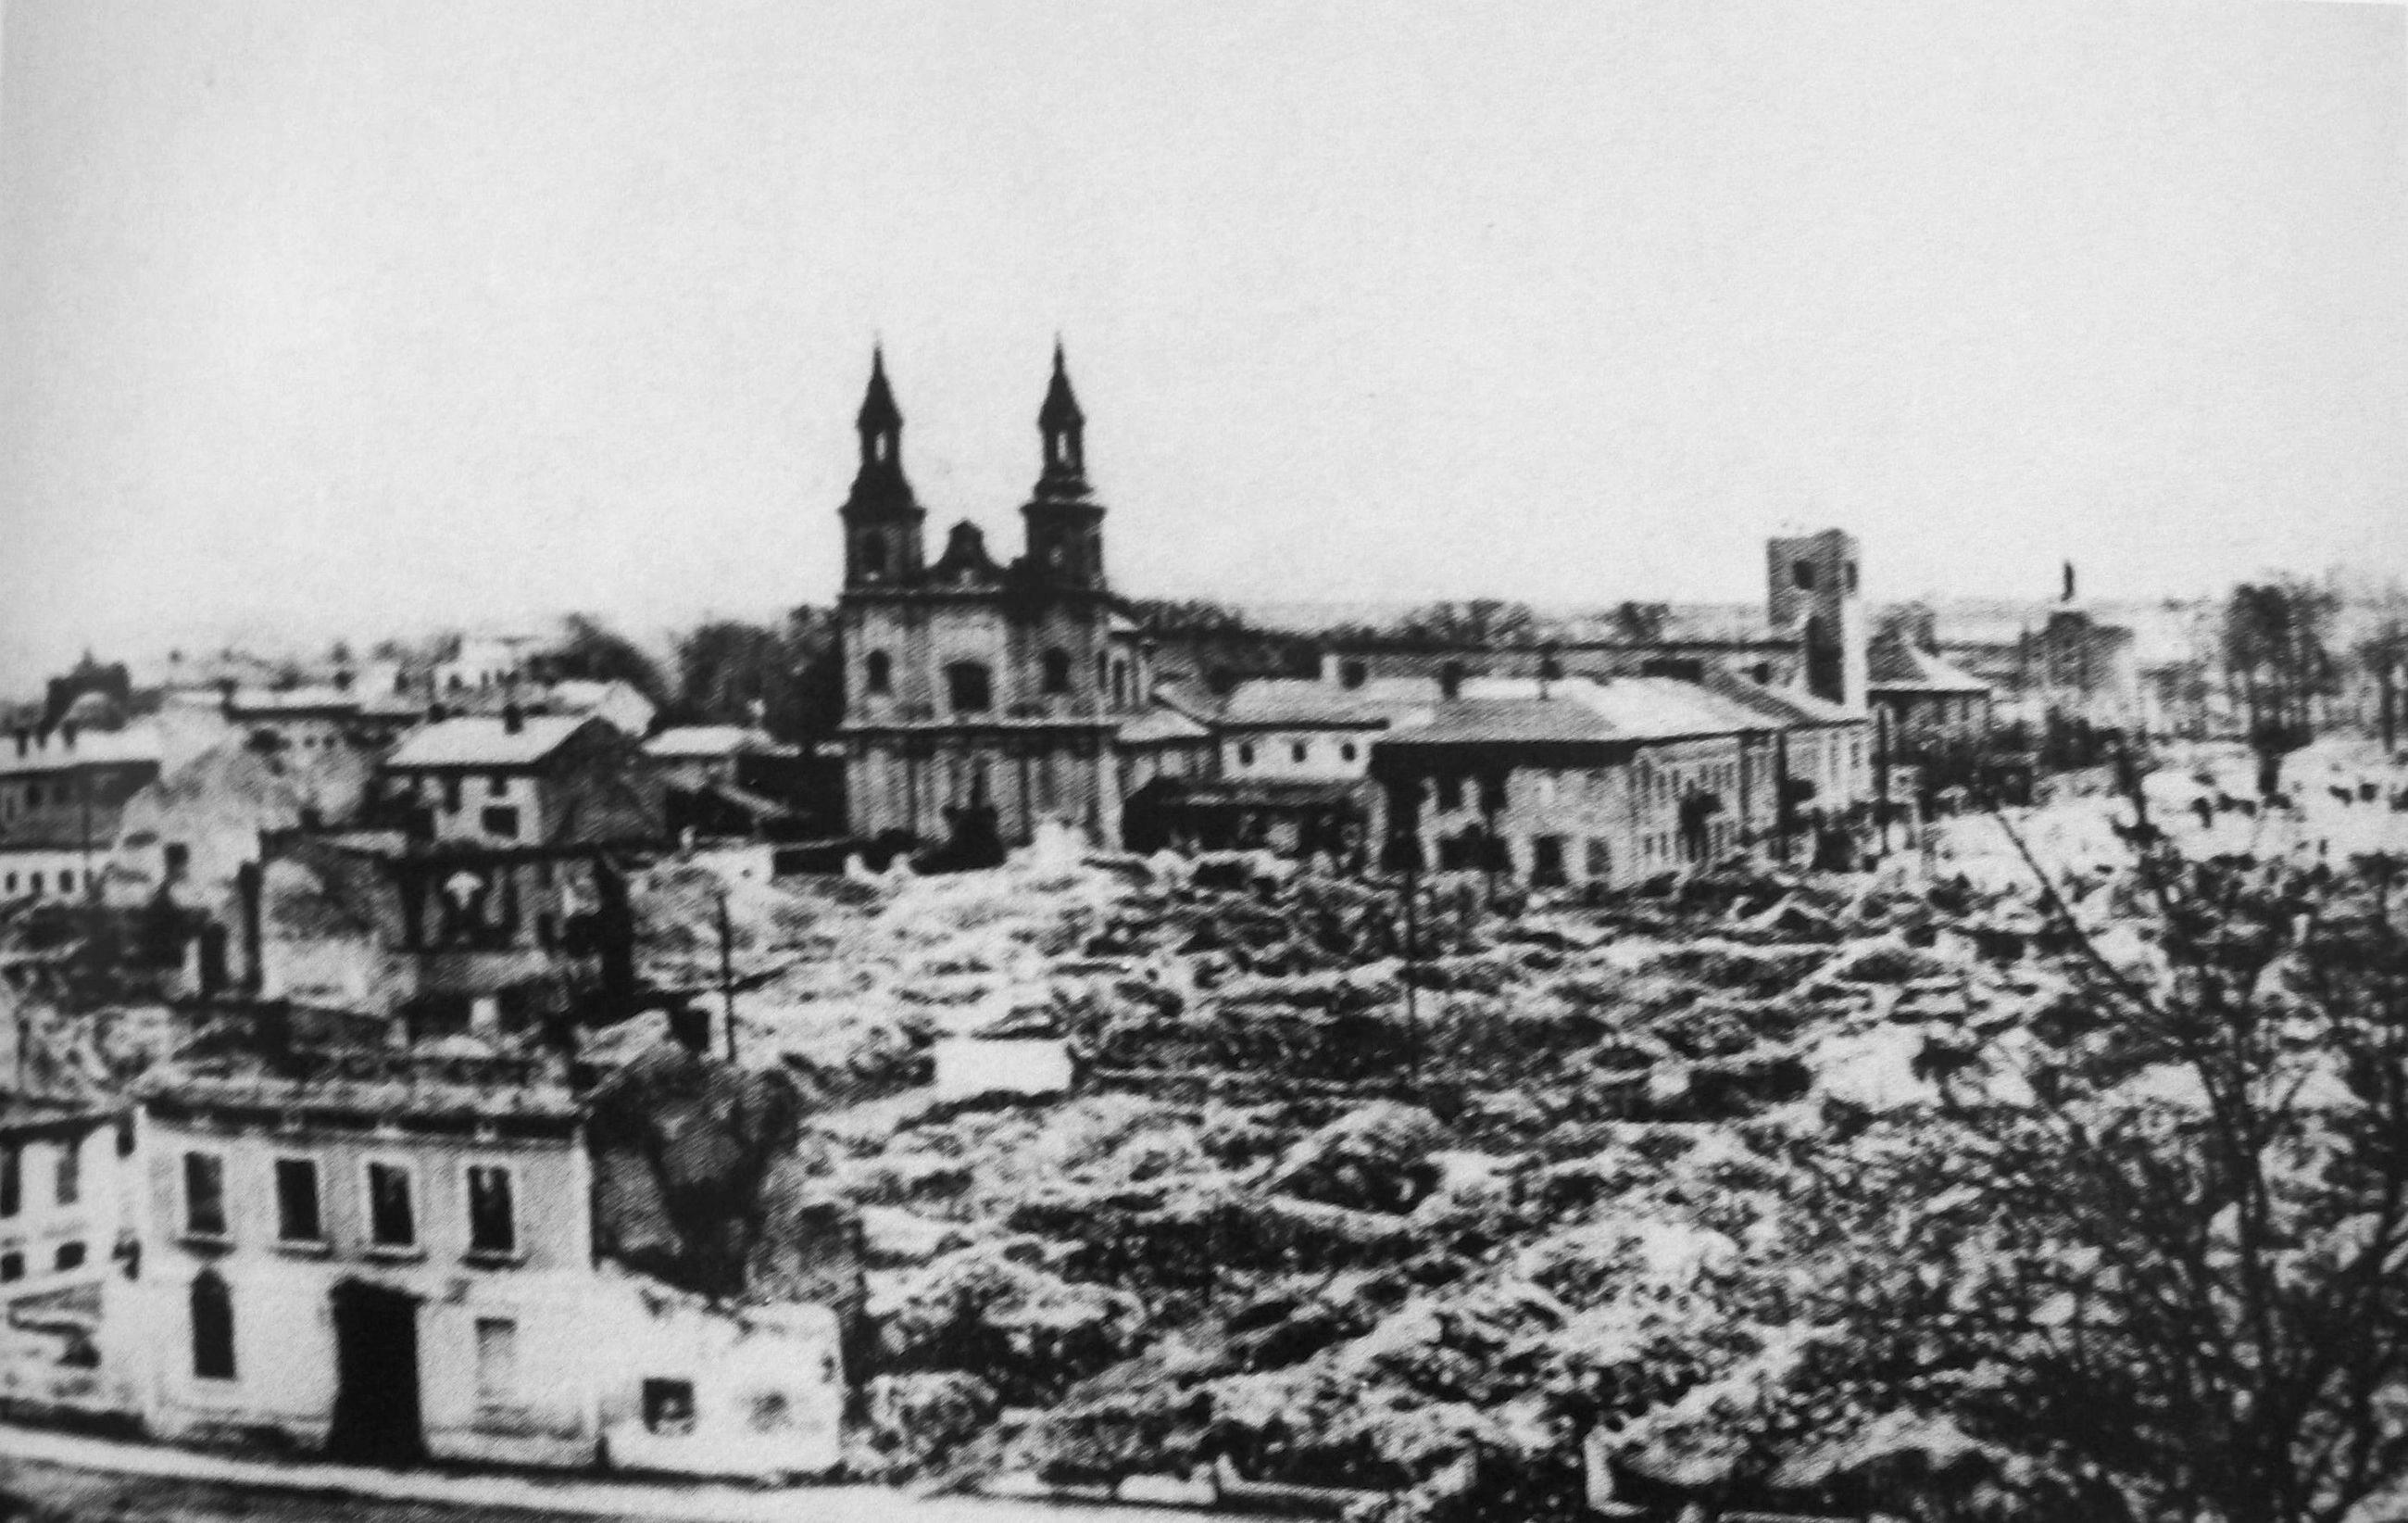 Zbombardowane centrum Wielunia (zdjęcie ze zbiorów Muzeum Ziemi Wieluńskiej w Wieluniu)